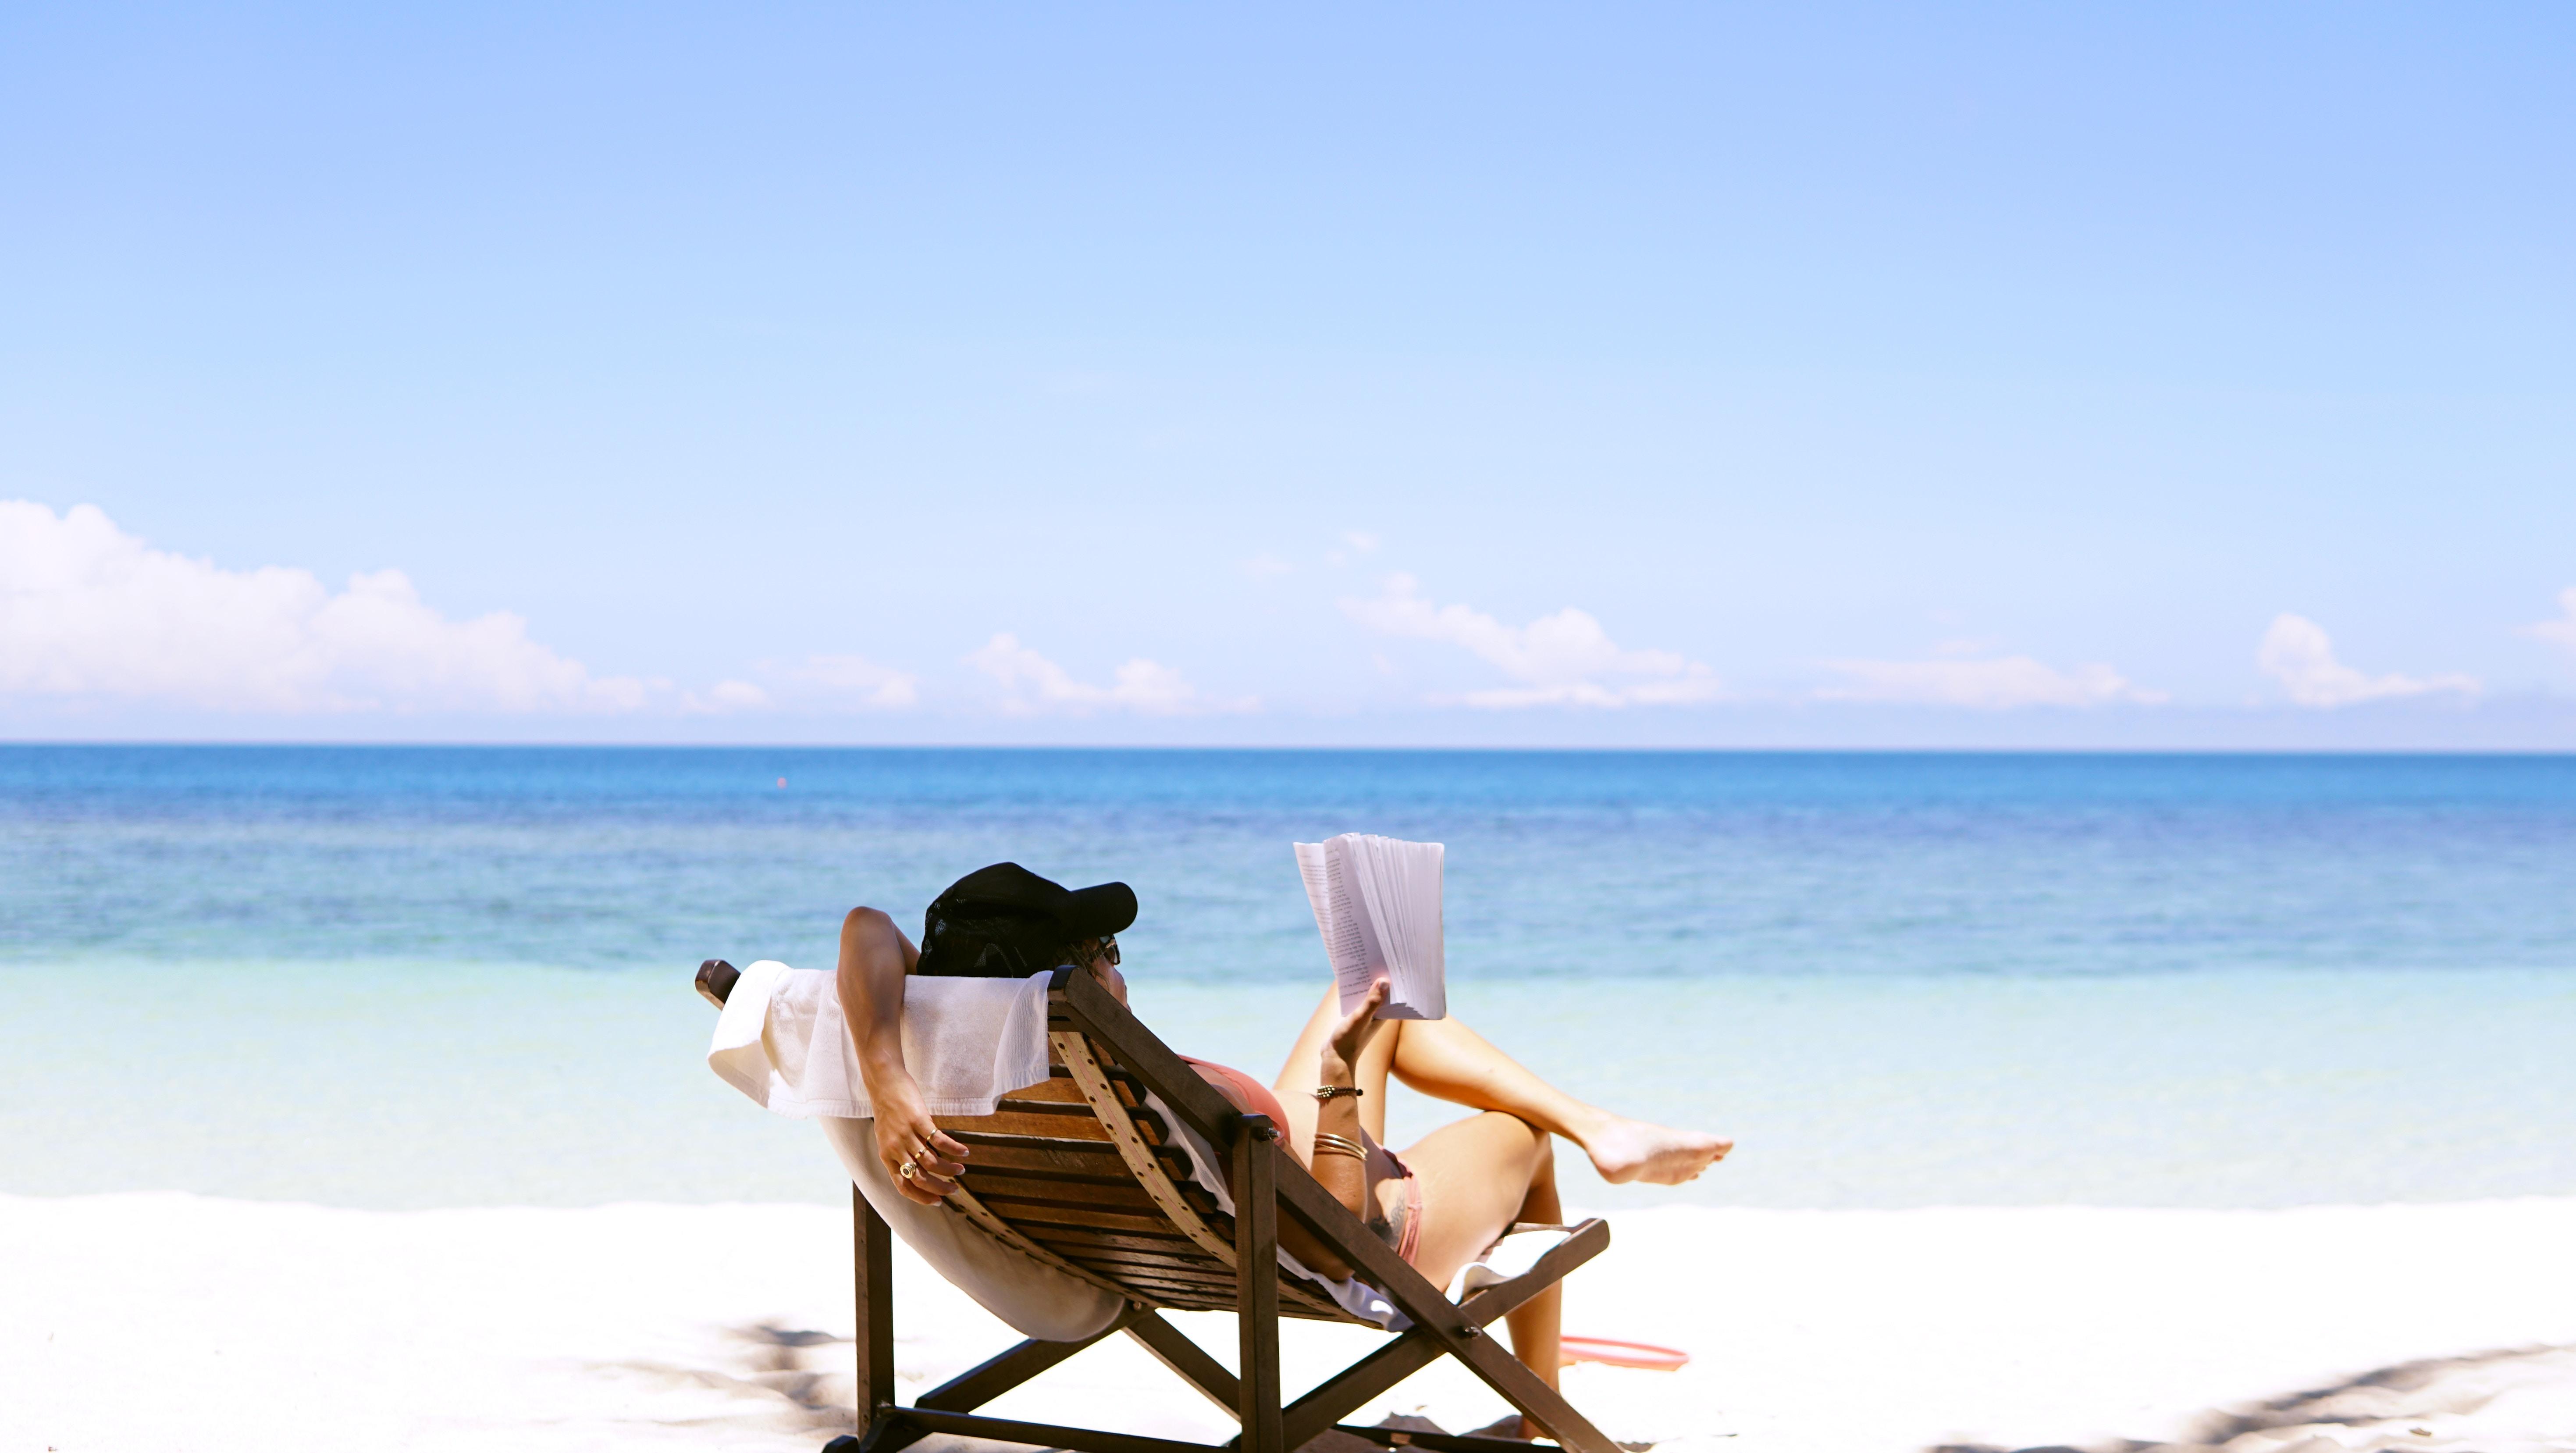 Koppla bort jobbet på semestern – så här varvar du ner